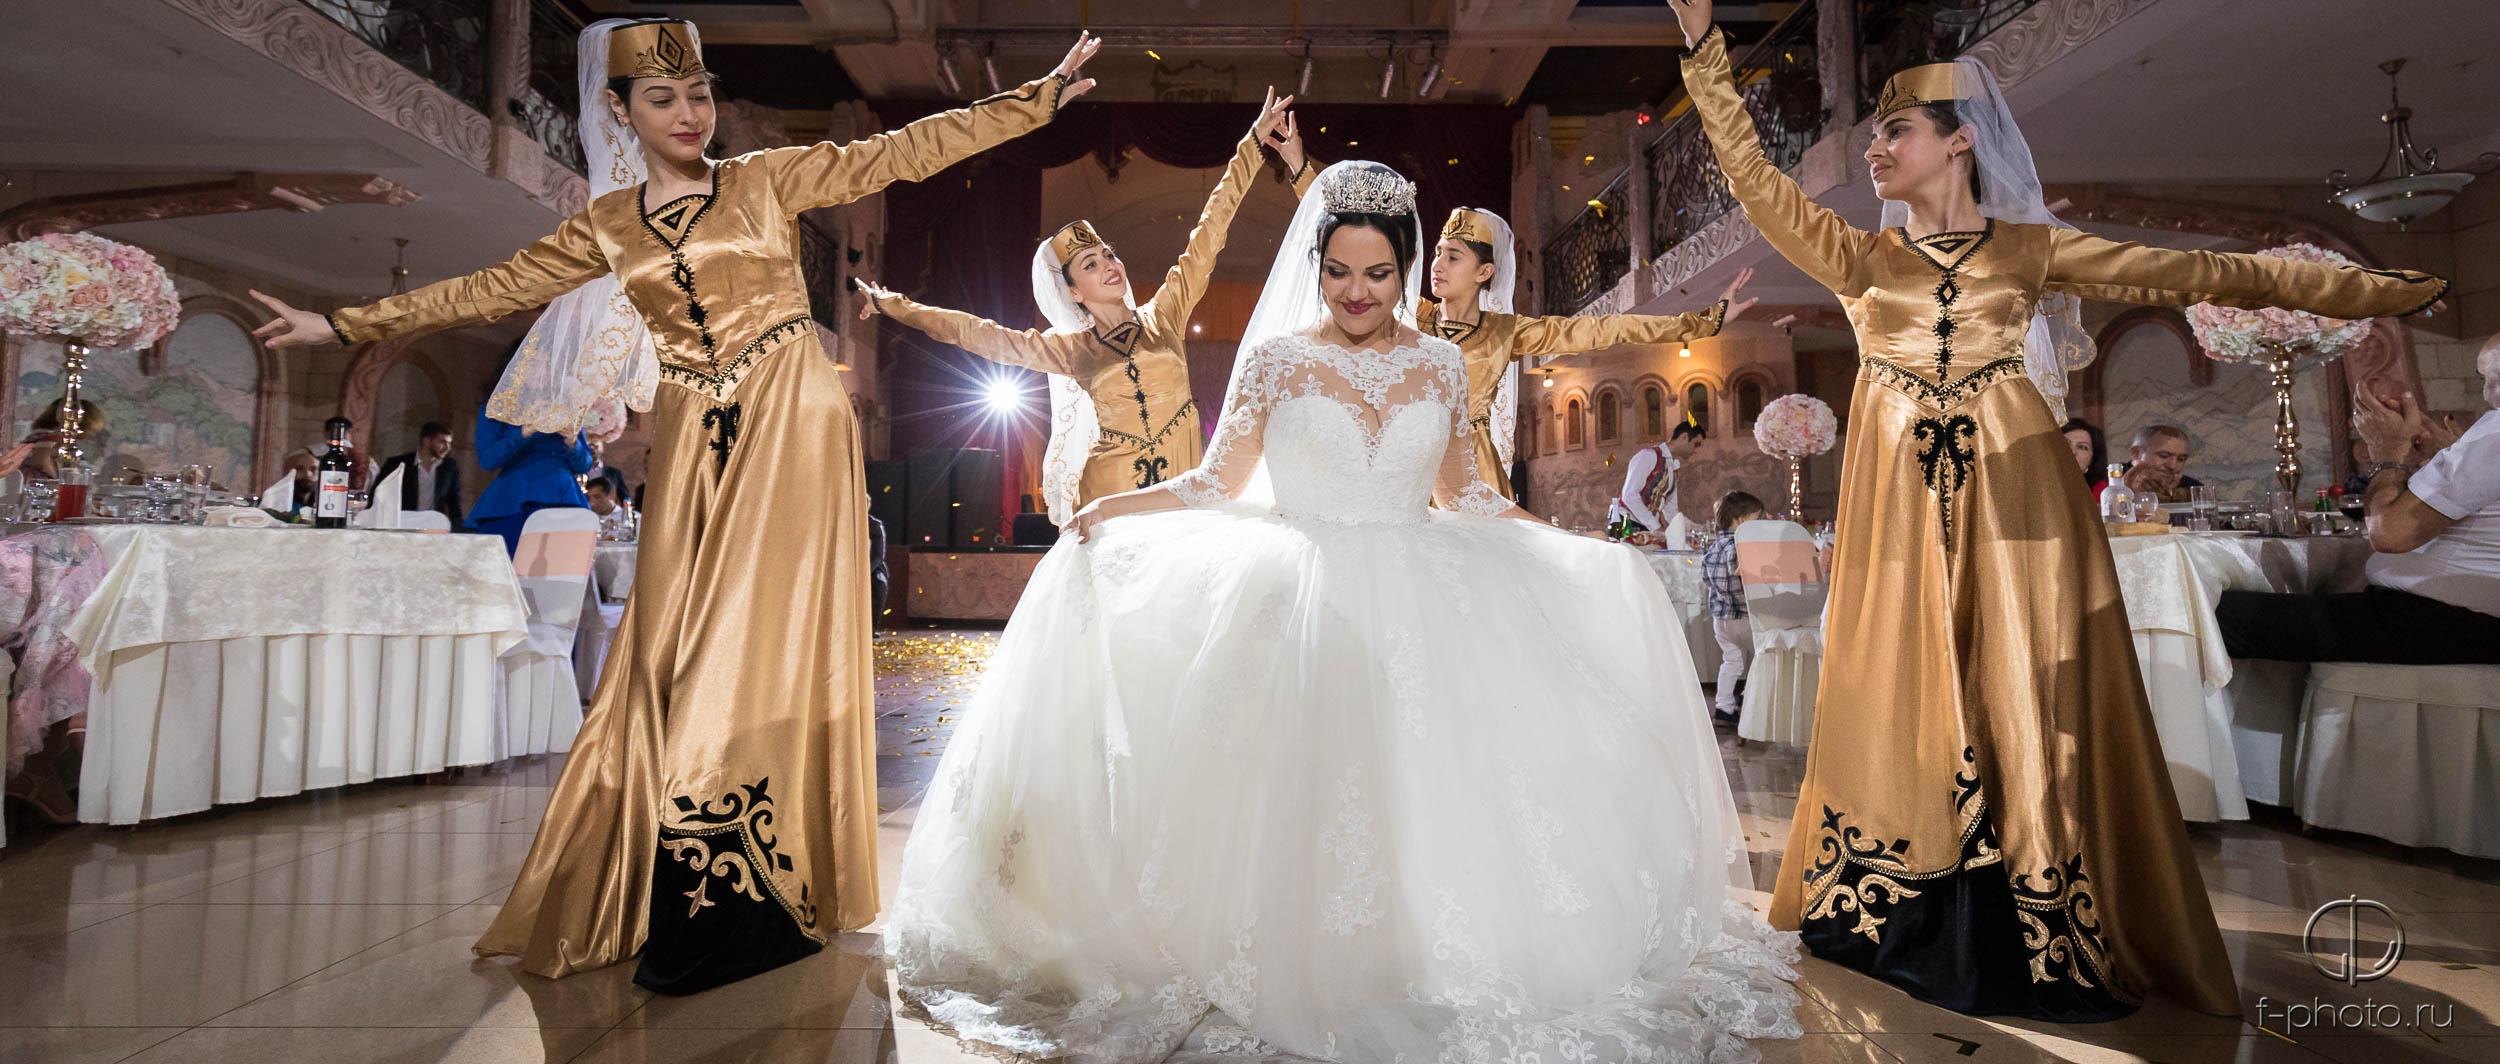 Copy of Стоимость роскошной свадьбы. Фотог